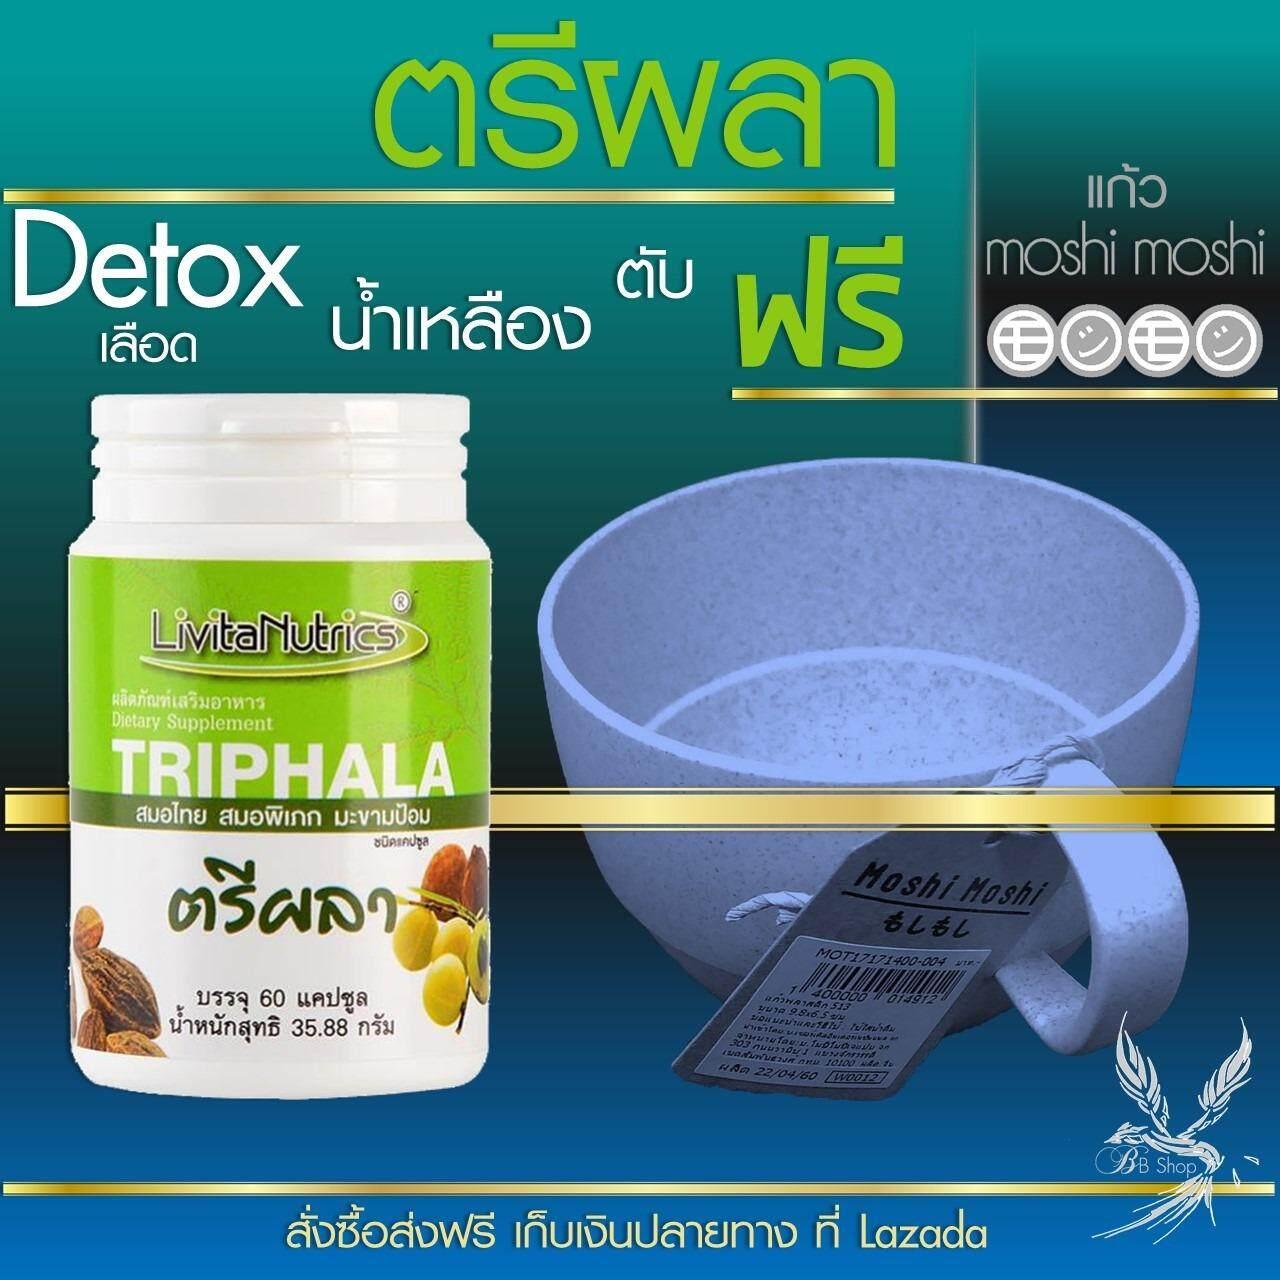 ราคา Ir ตรีผลา Detox ดีท็อกซ์ ลำไส้ ตับ เลือด น้ำเหลือง ป้องกันและฆ่าเซลมะเร็ง แก้ปวดเข่า ใน กรุงเทพมหานคร